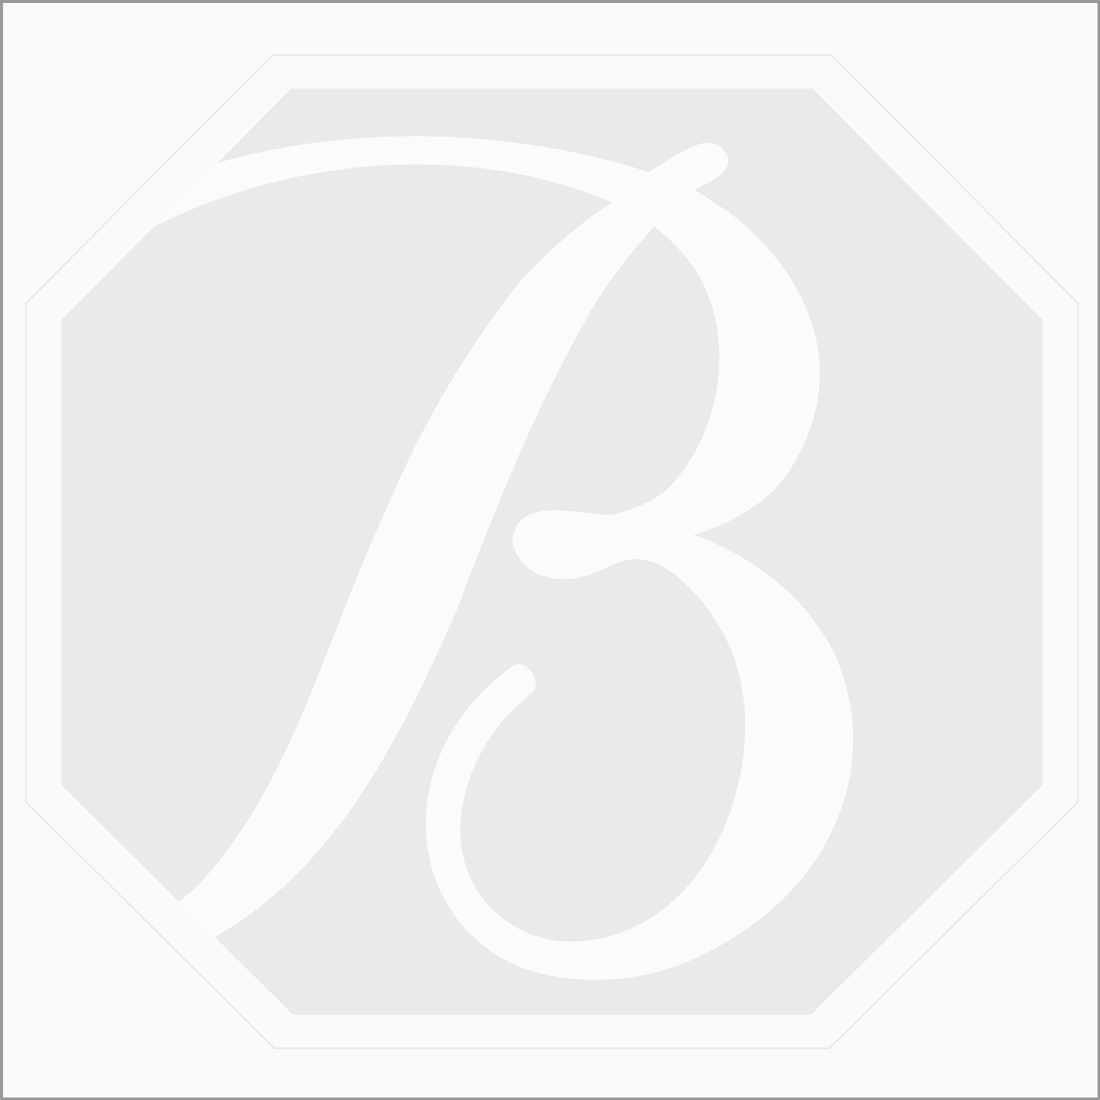 3 pcs - 28.71 ct. - Green Tourmaline Rose Cut -18.8 x 14.2 x 4.5 mm to 21.6 x 15.4 x 3.6 mm (TRC1109)